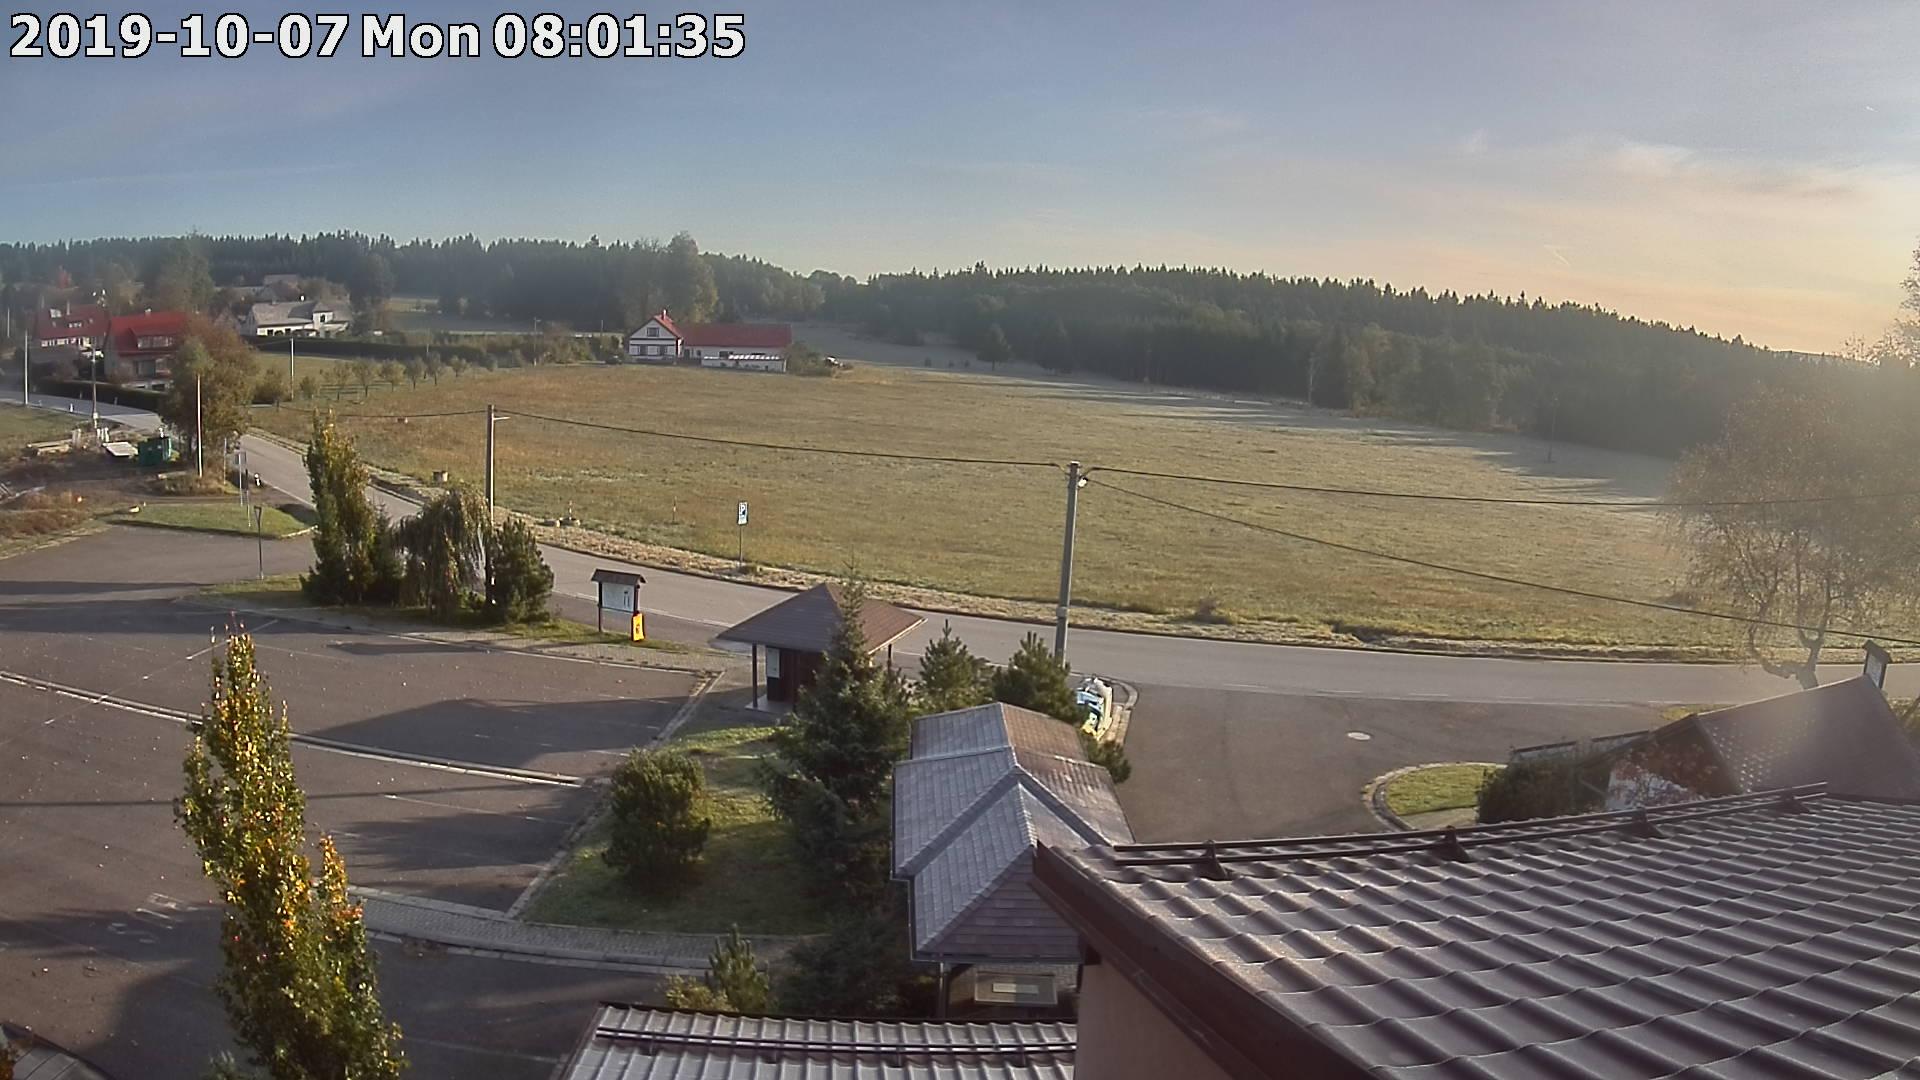 Webkamera ze dne 2019-10-07